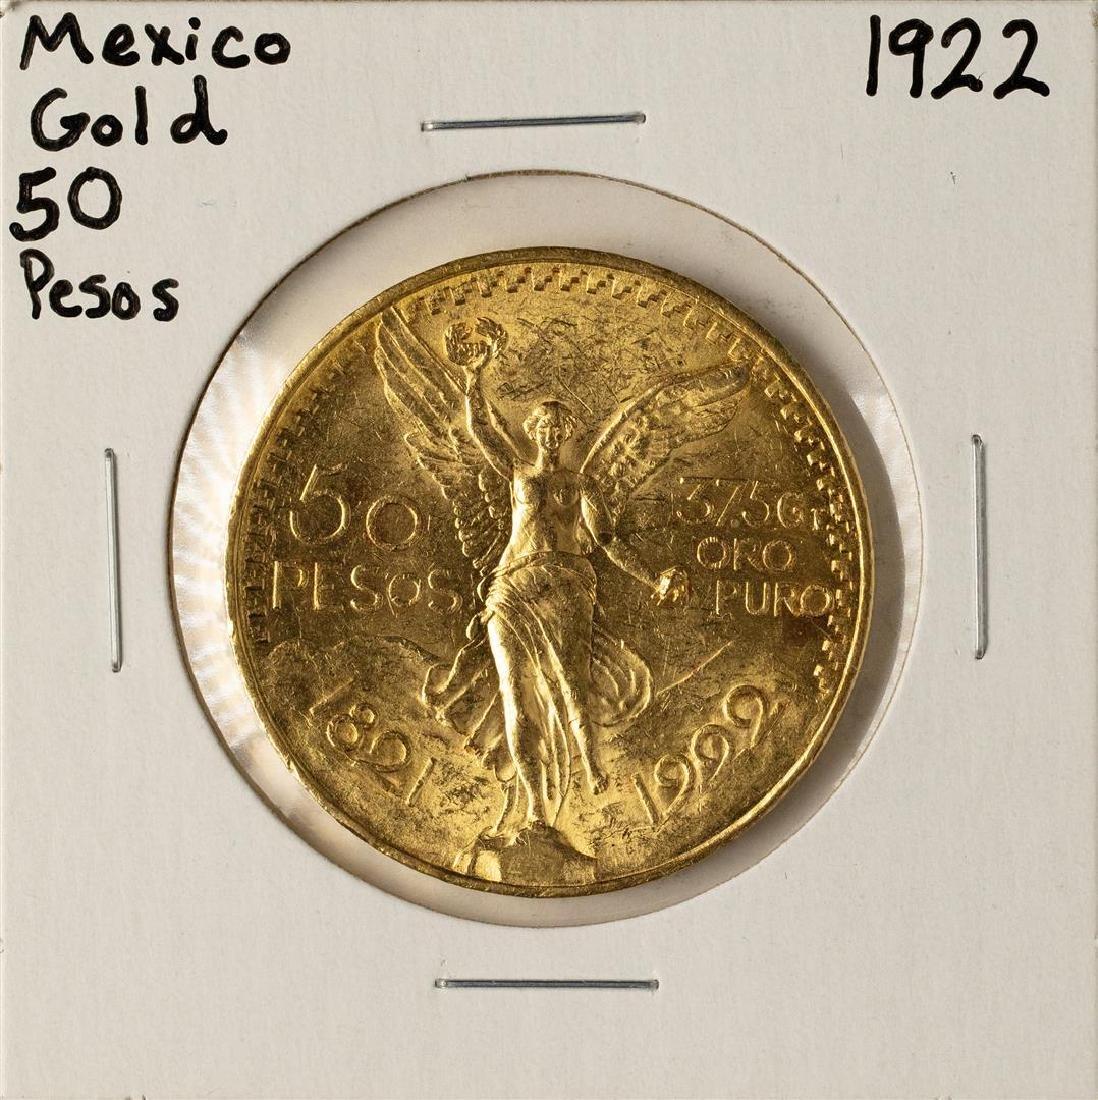 1922 Mexico 50 Pesos Gold Coin